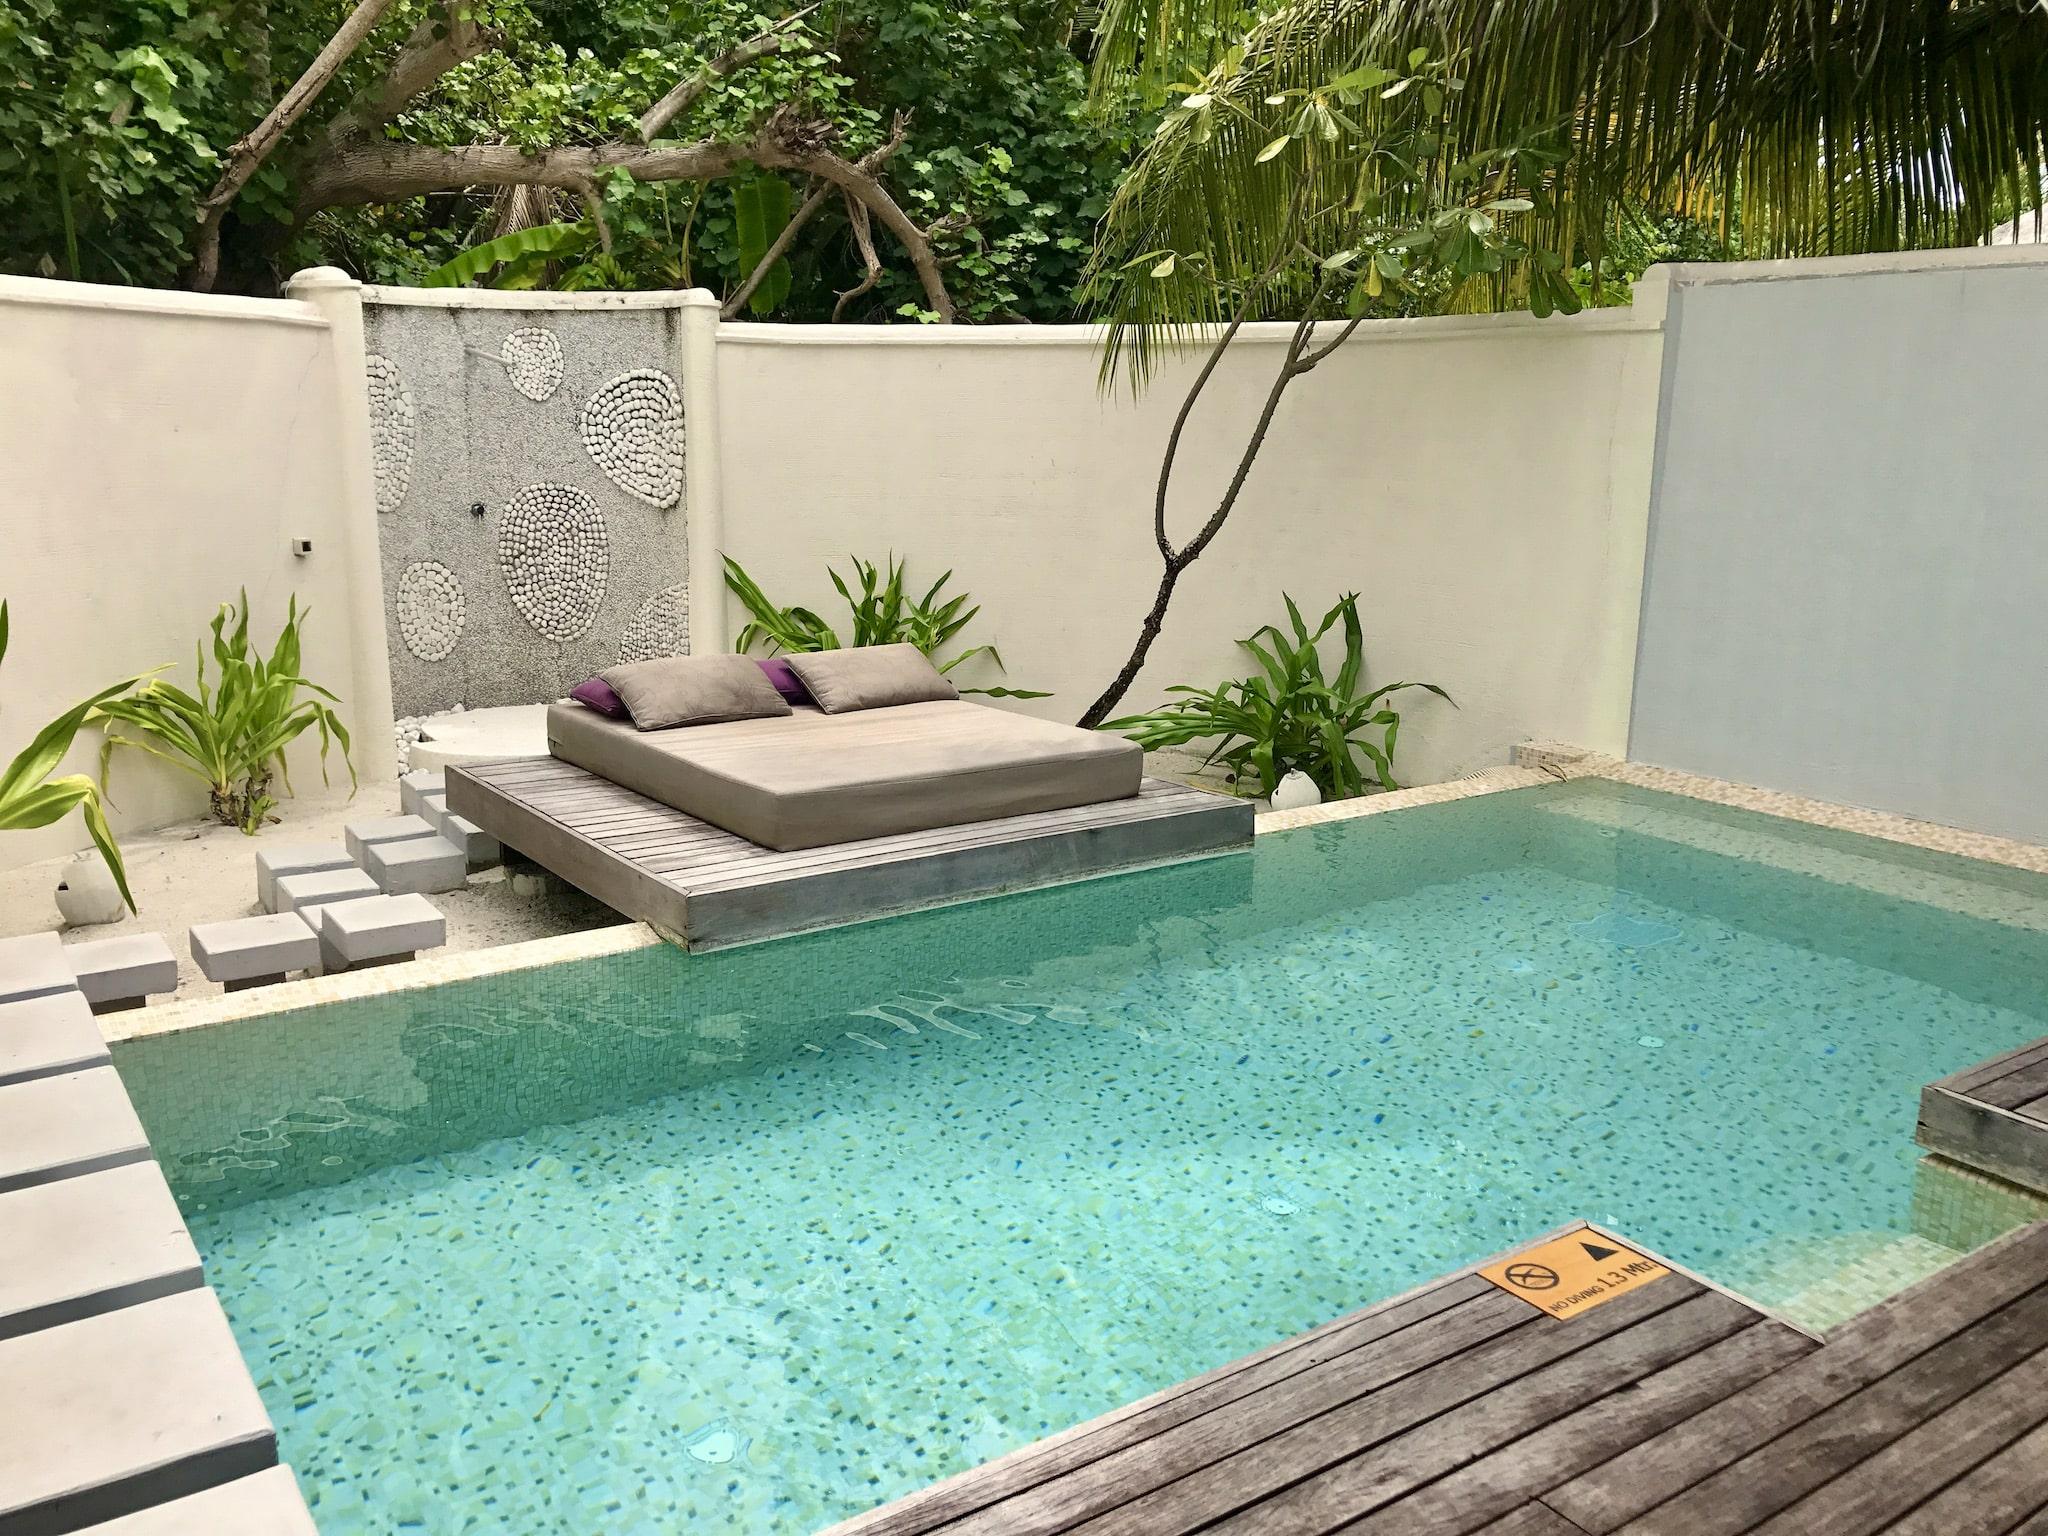 Privater Pool in einer Beach Villa auf einer Malediven-Resortinsel. Viele Hotels sind äußerst luxuriös.Foto: Sascha Tegtmeyer Reisebericht Malediven Tipps